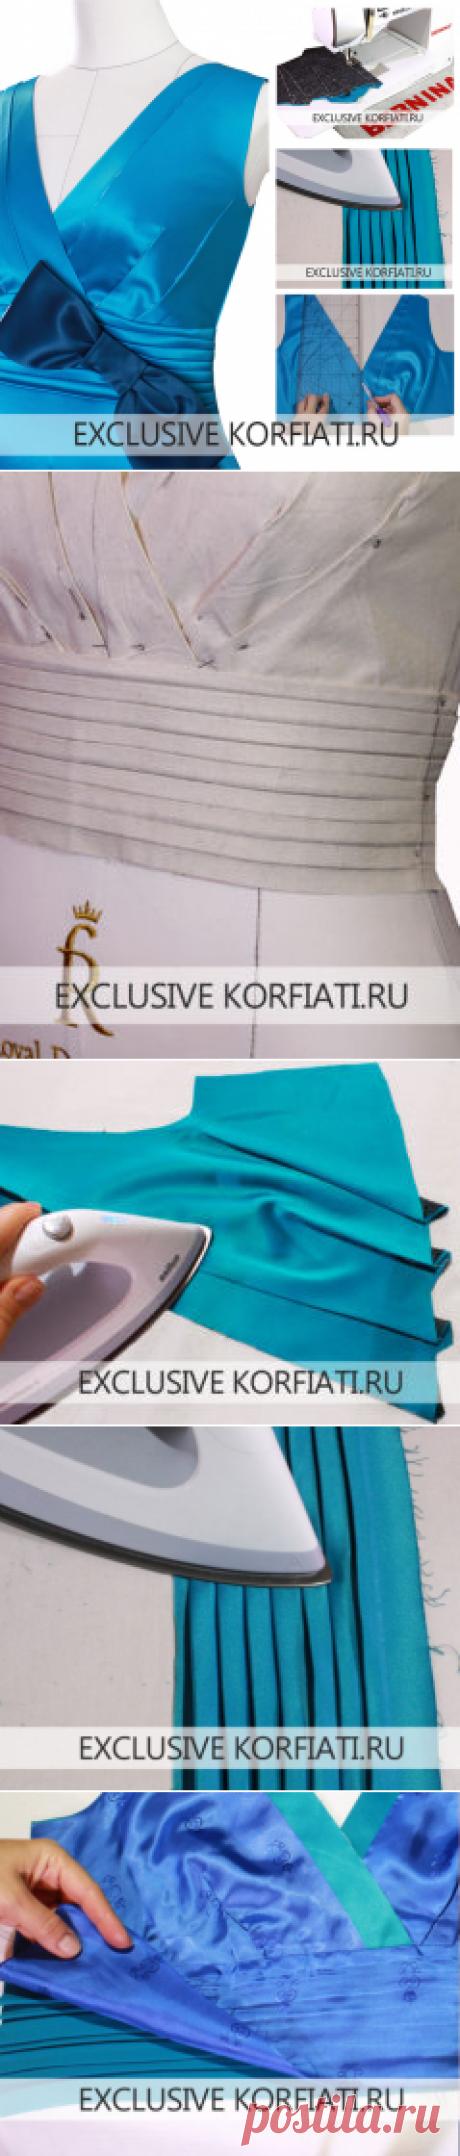 Мастер-класс по пошиву платья от Анастасии Корфиати